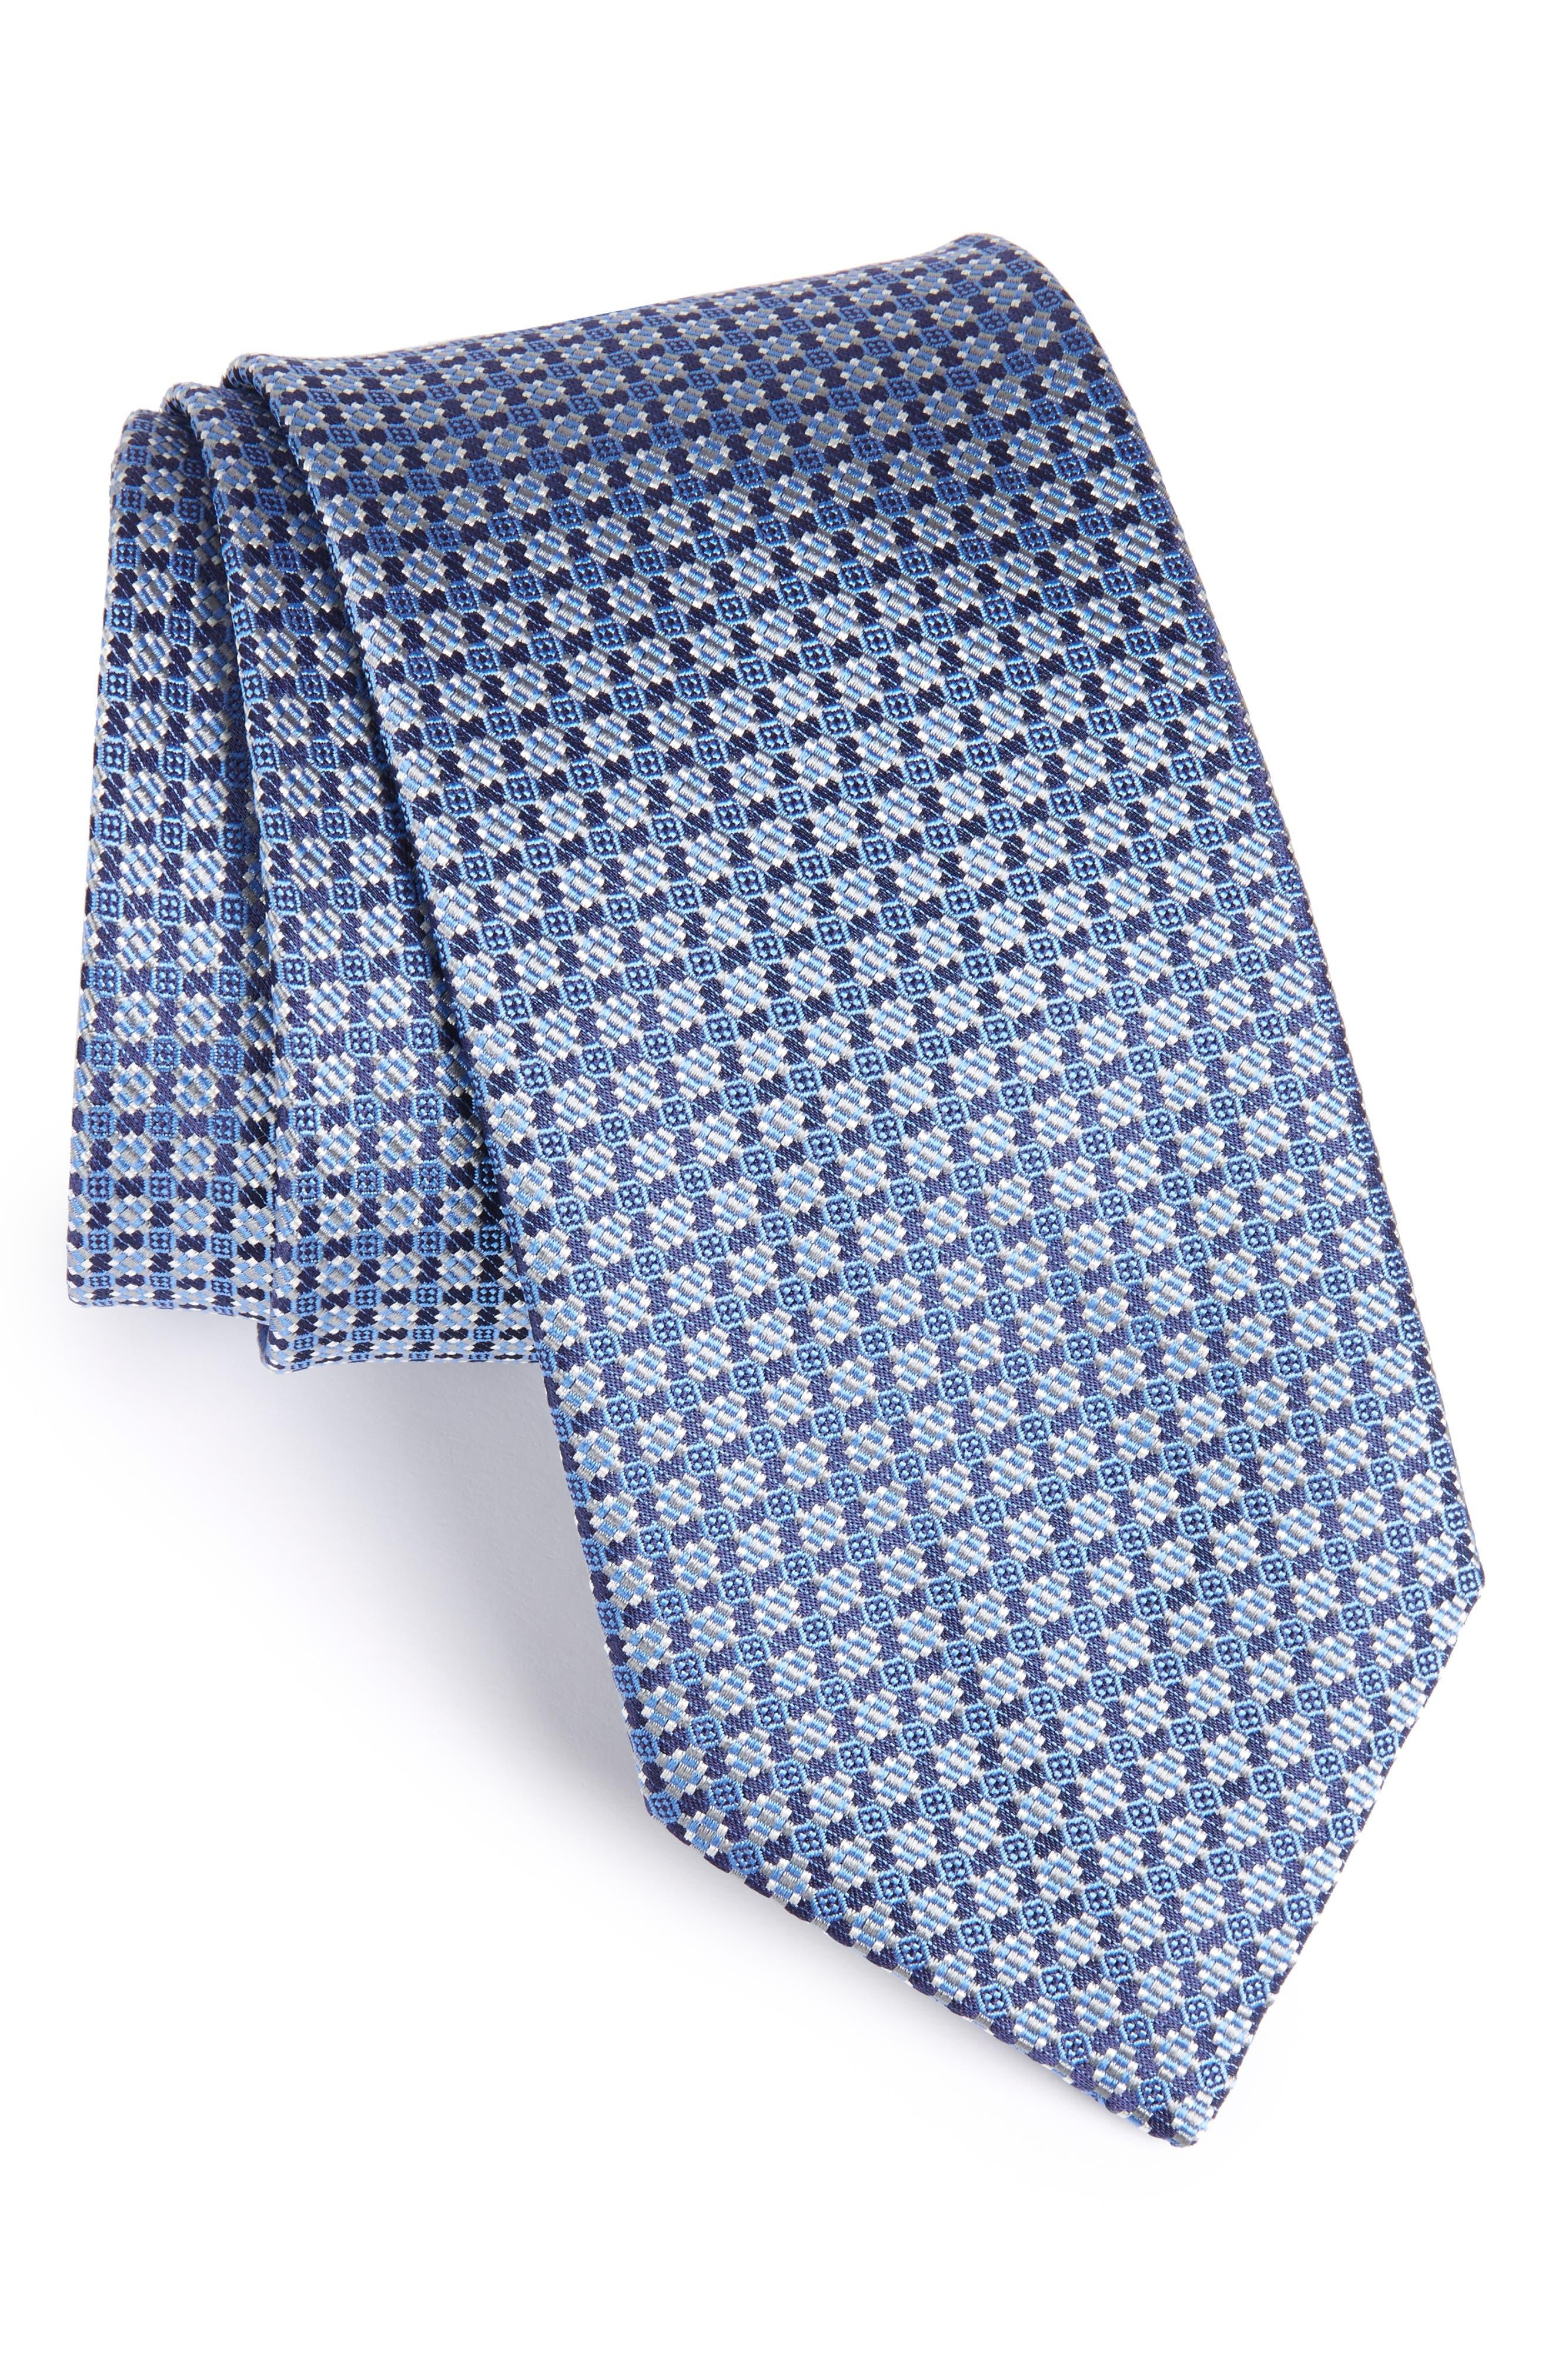 Neat Silk Tie,                         Main,                         color, Blue/ Grey